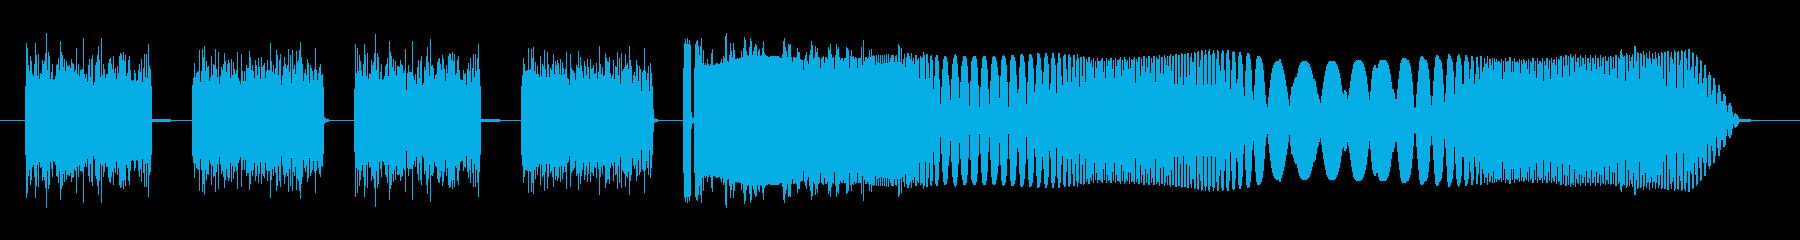 静的信号スワイプ2のザッピングの再生済みの波形